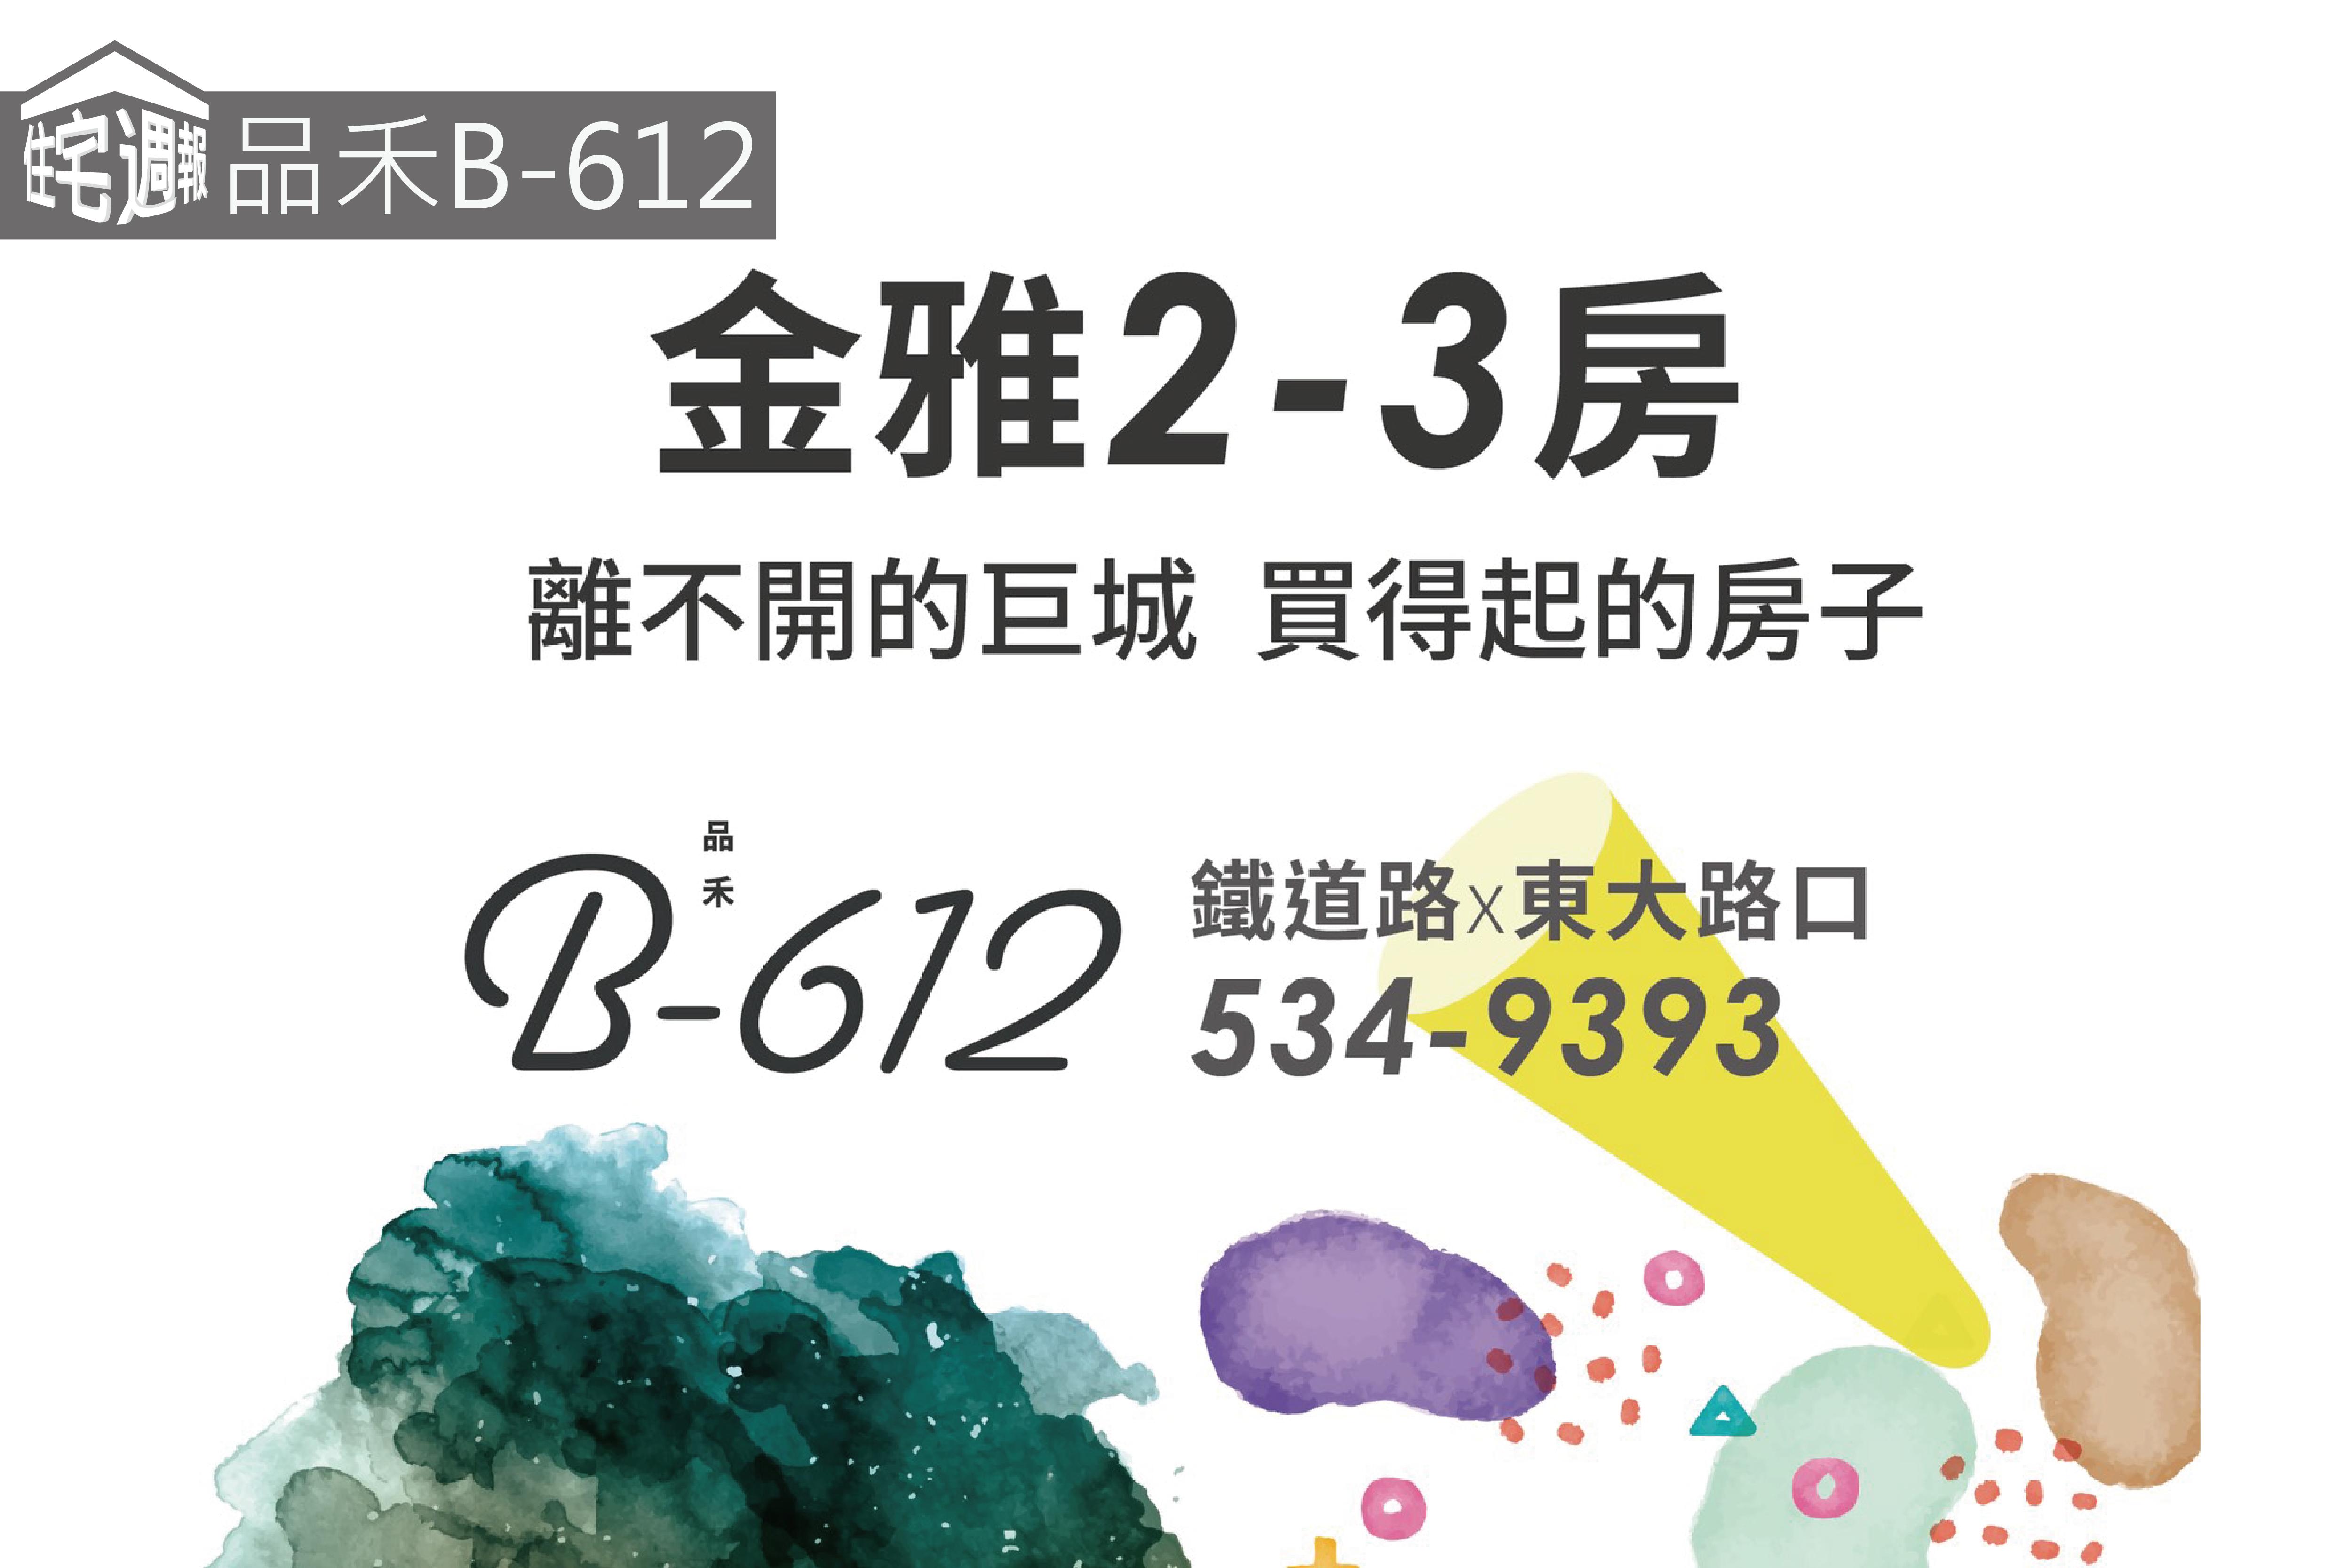 品禾B-612.png